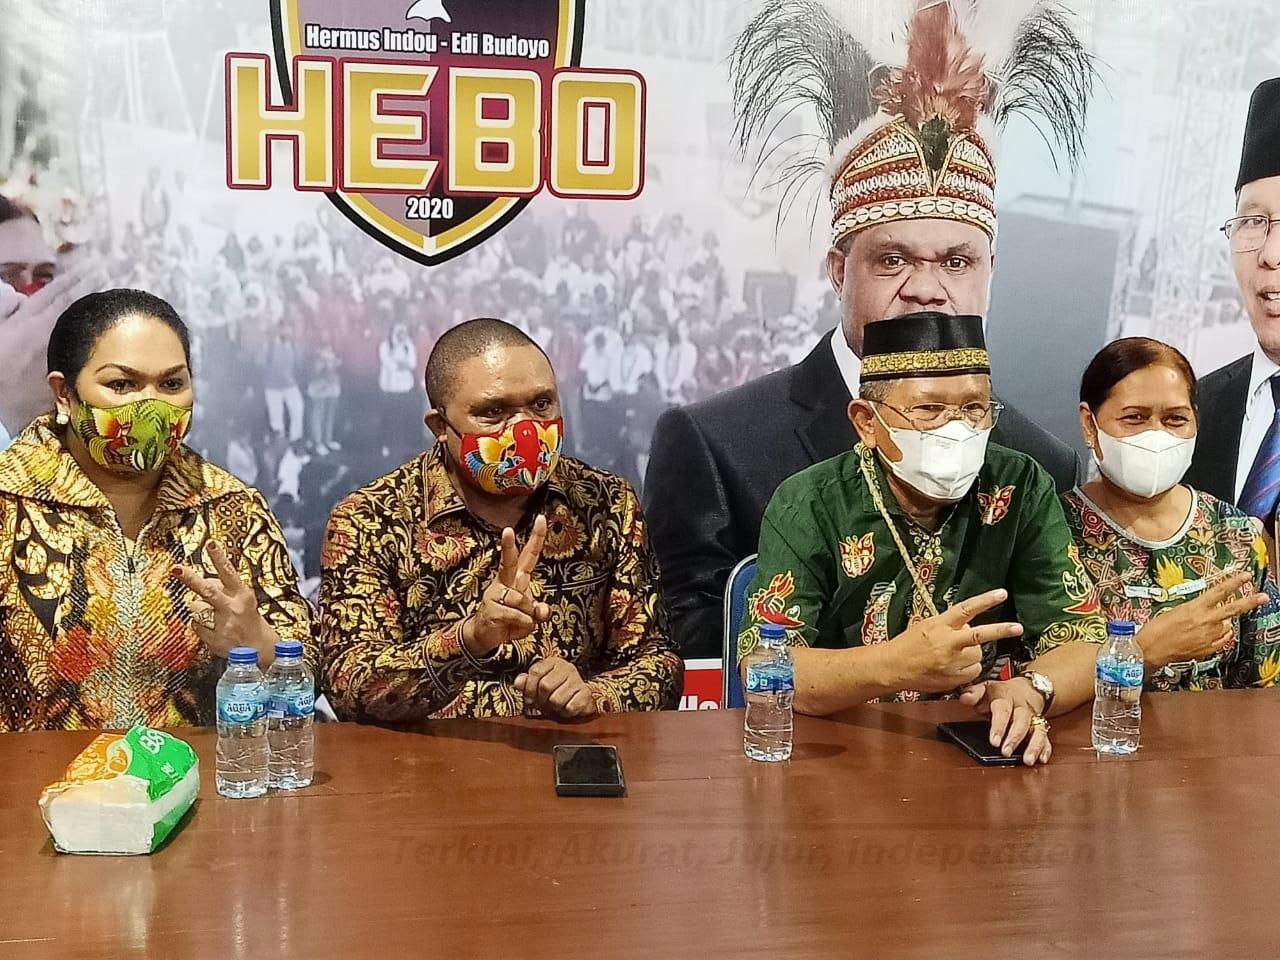 HEBO: Harus Konsisten Dengan Pernyataan Siapapun Yang Menang Tidak Ada Gugatan 5 IMG 20201210 WA0003